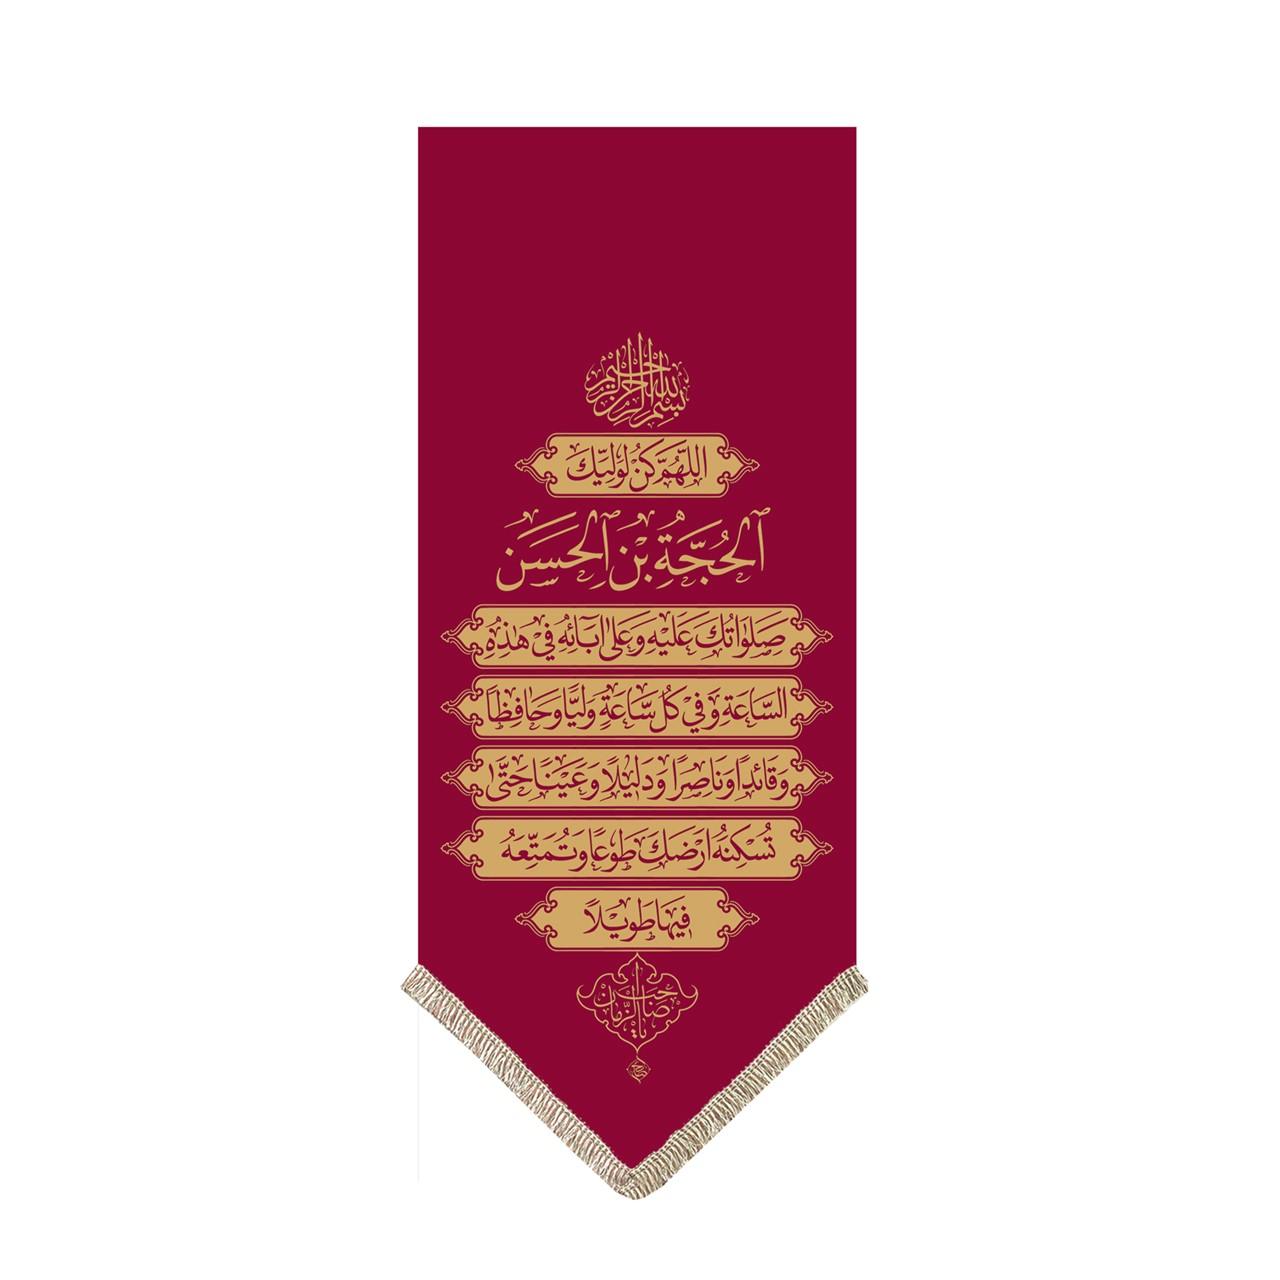 پرچم طرح دعای سلامتی امام زمان کد pr16